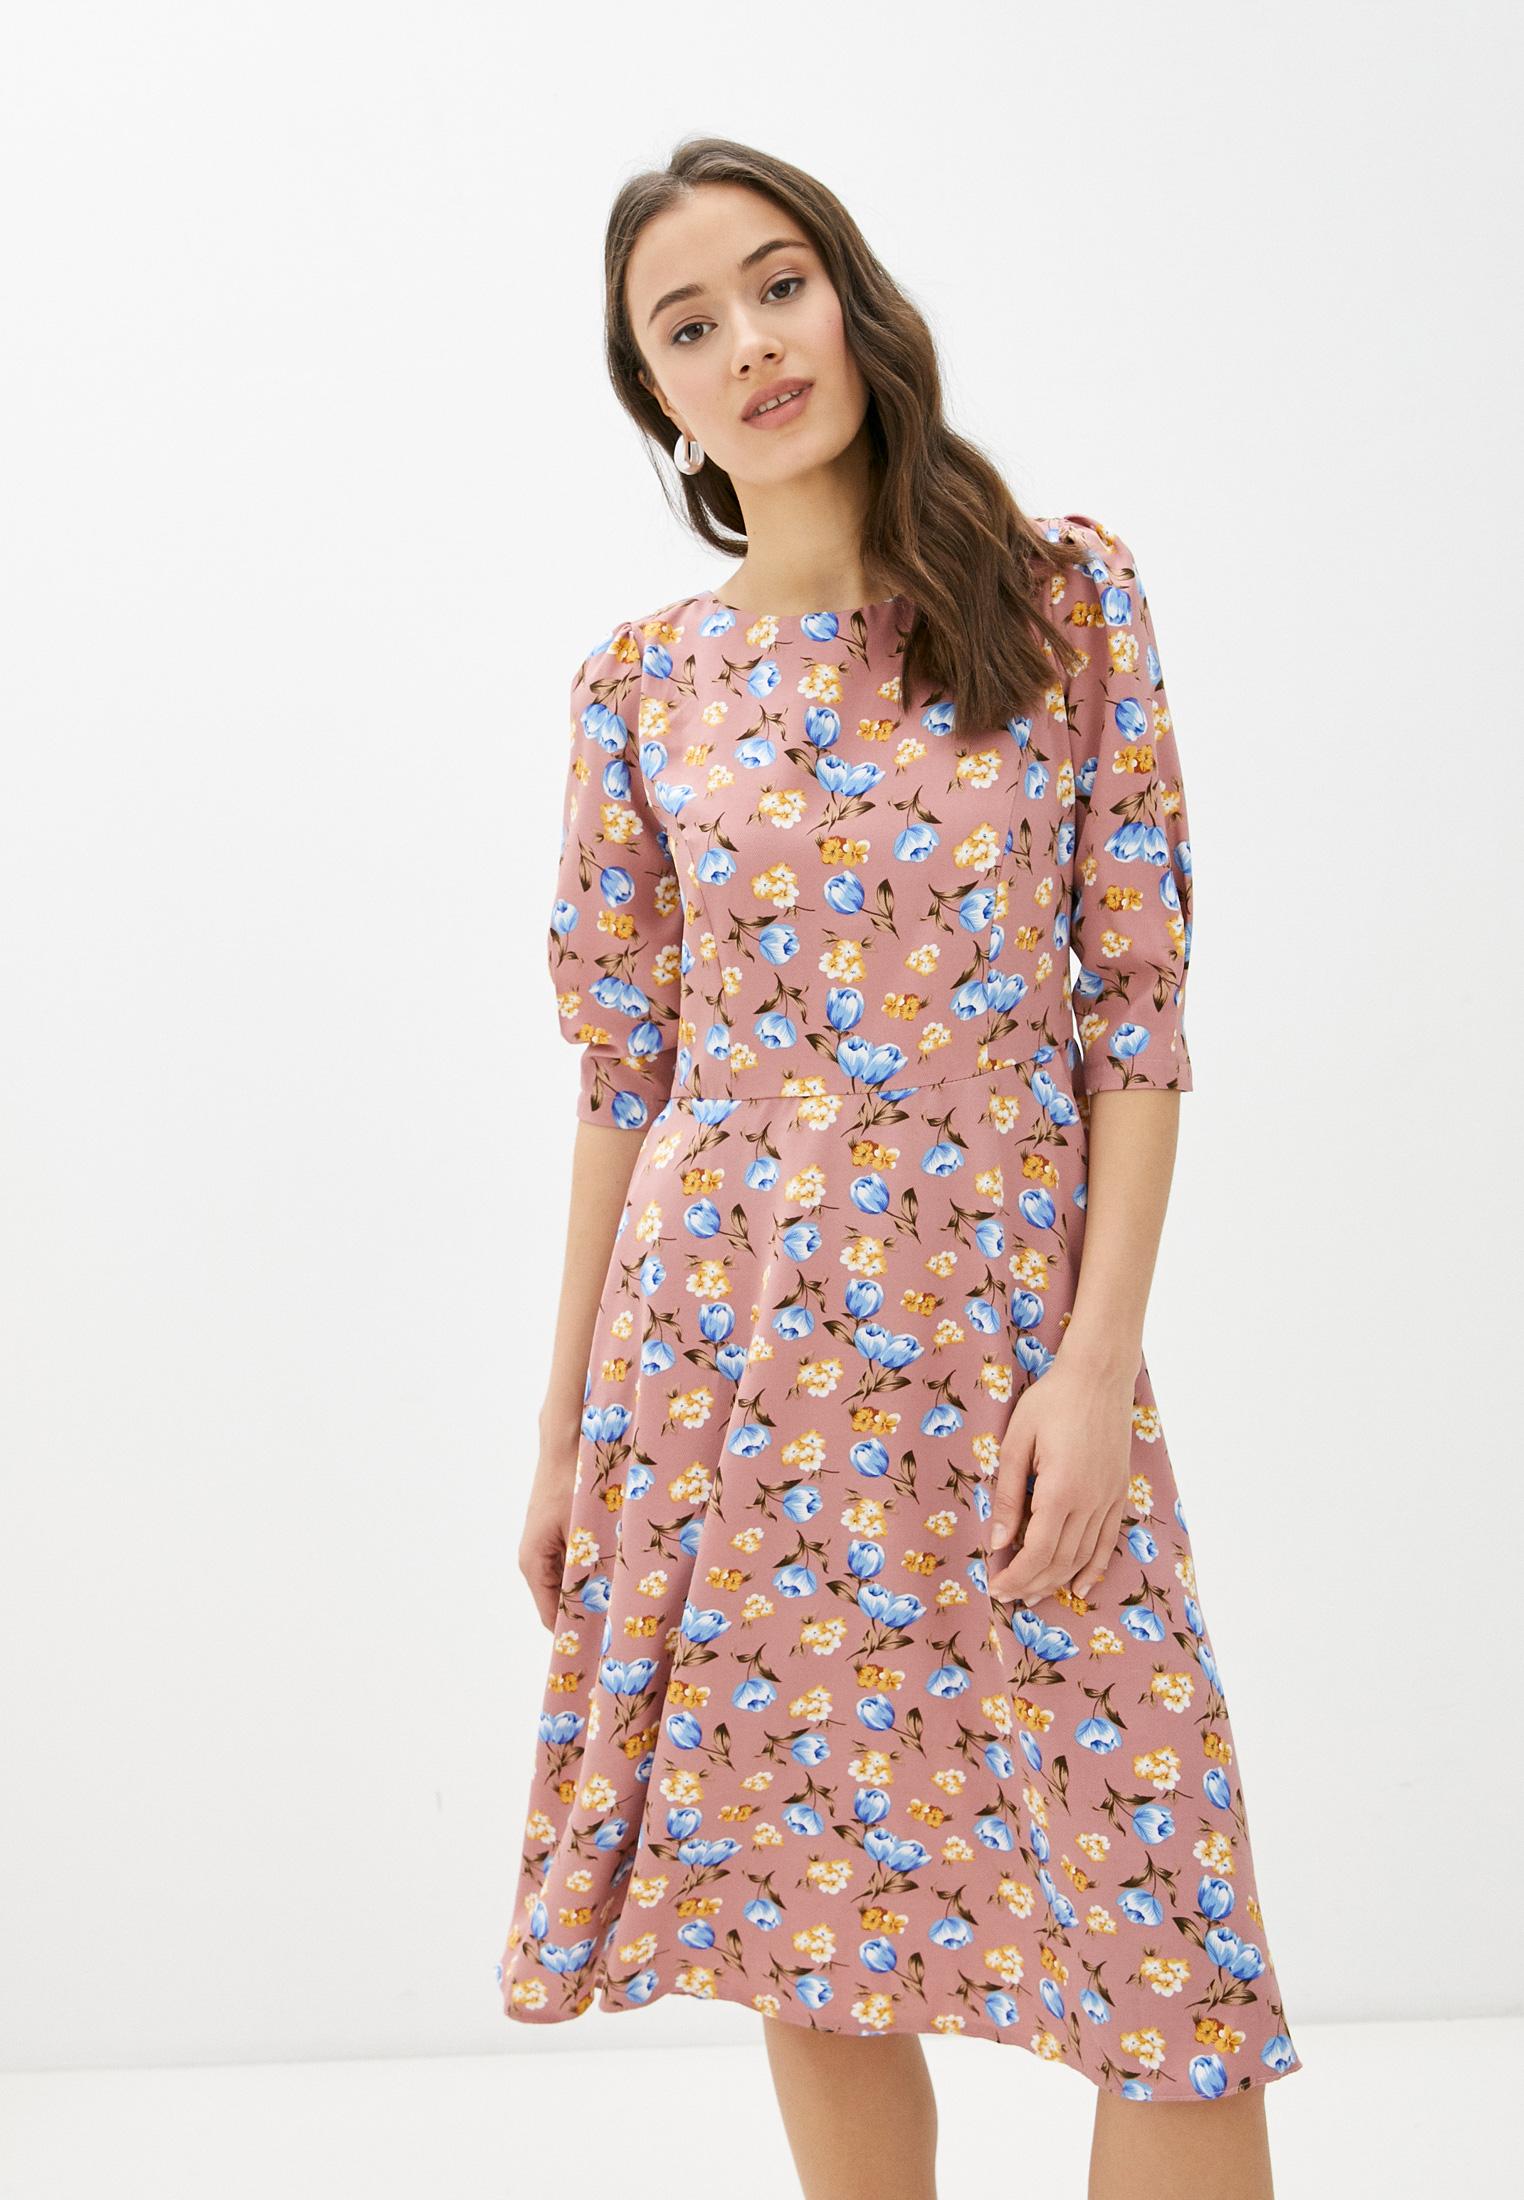 Повседневное платье Toku Tino TT8513023k/: изображение 1